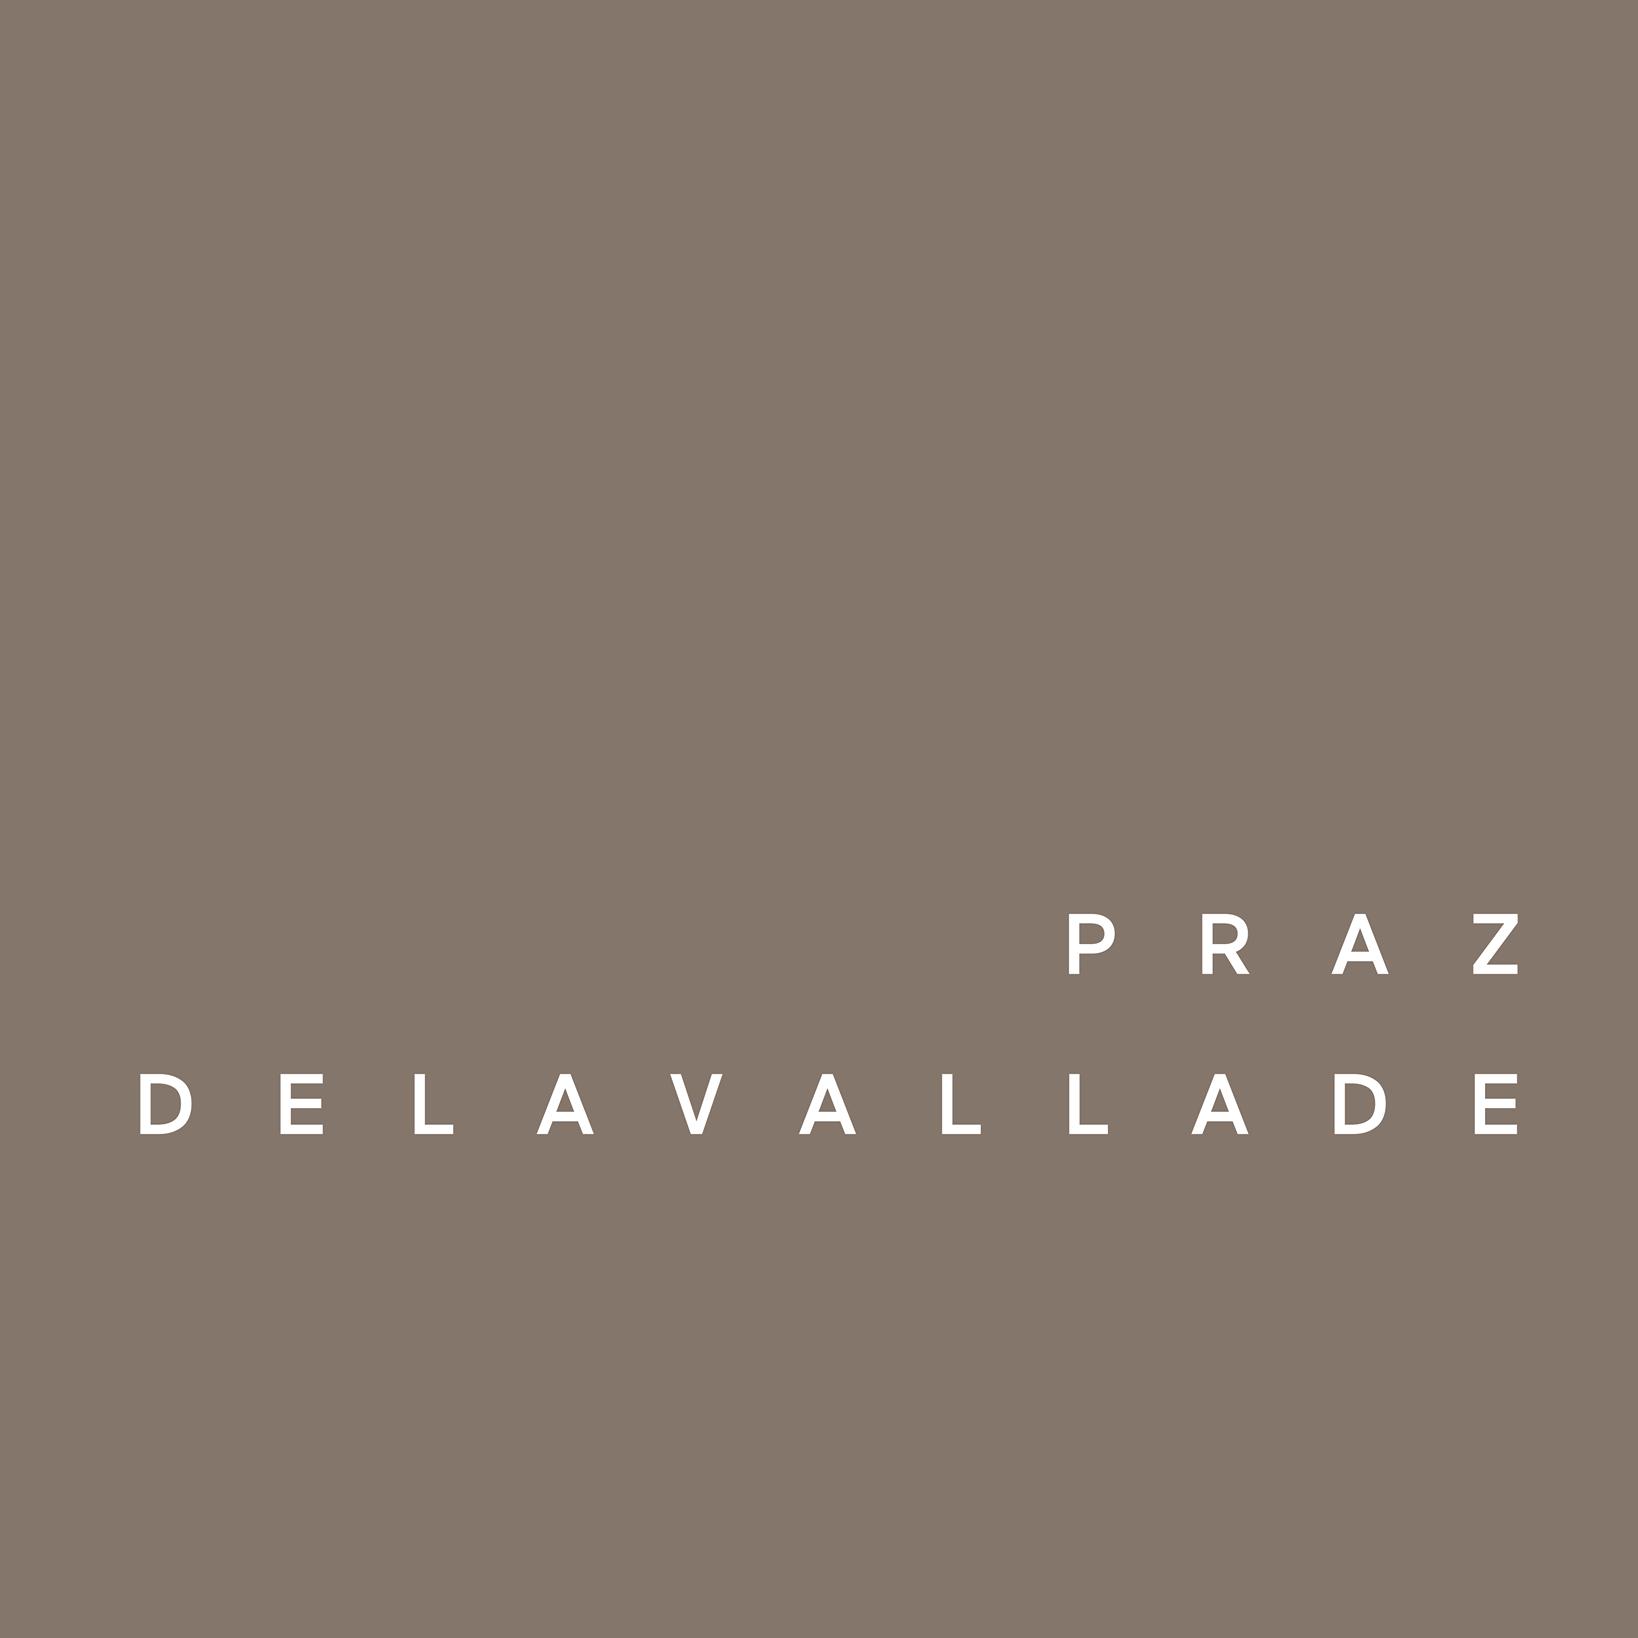 Praz-Delavallade